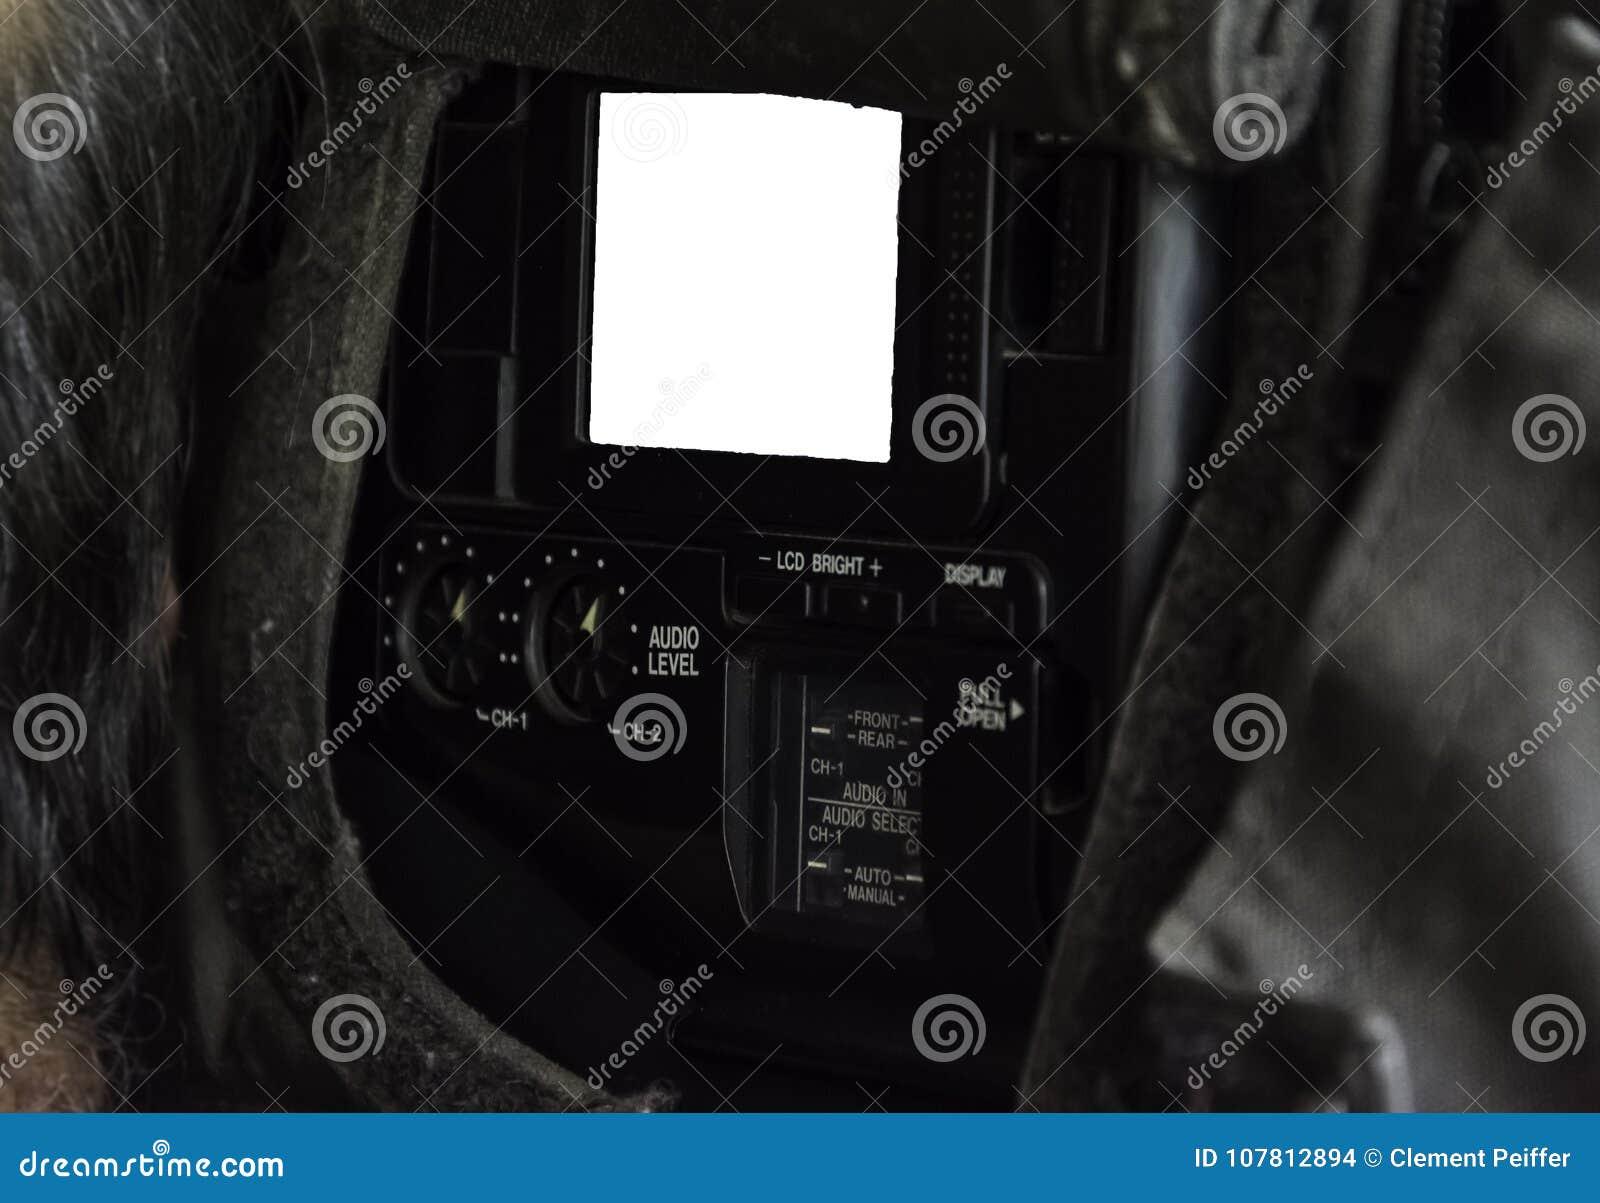 Tela lateral de uma câmara de televisão